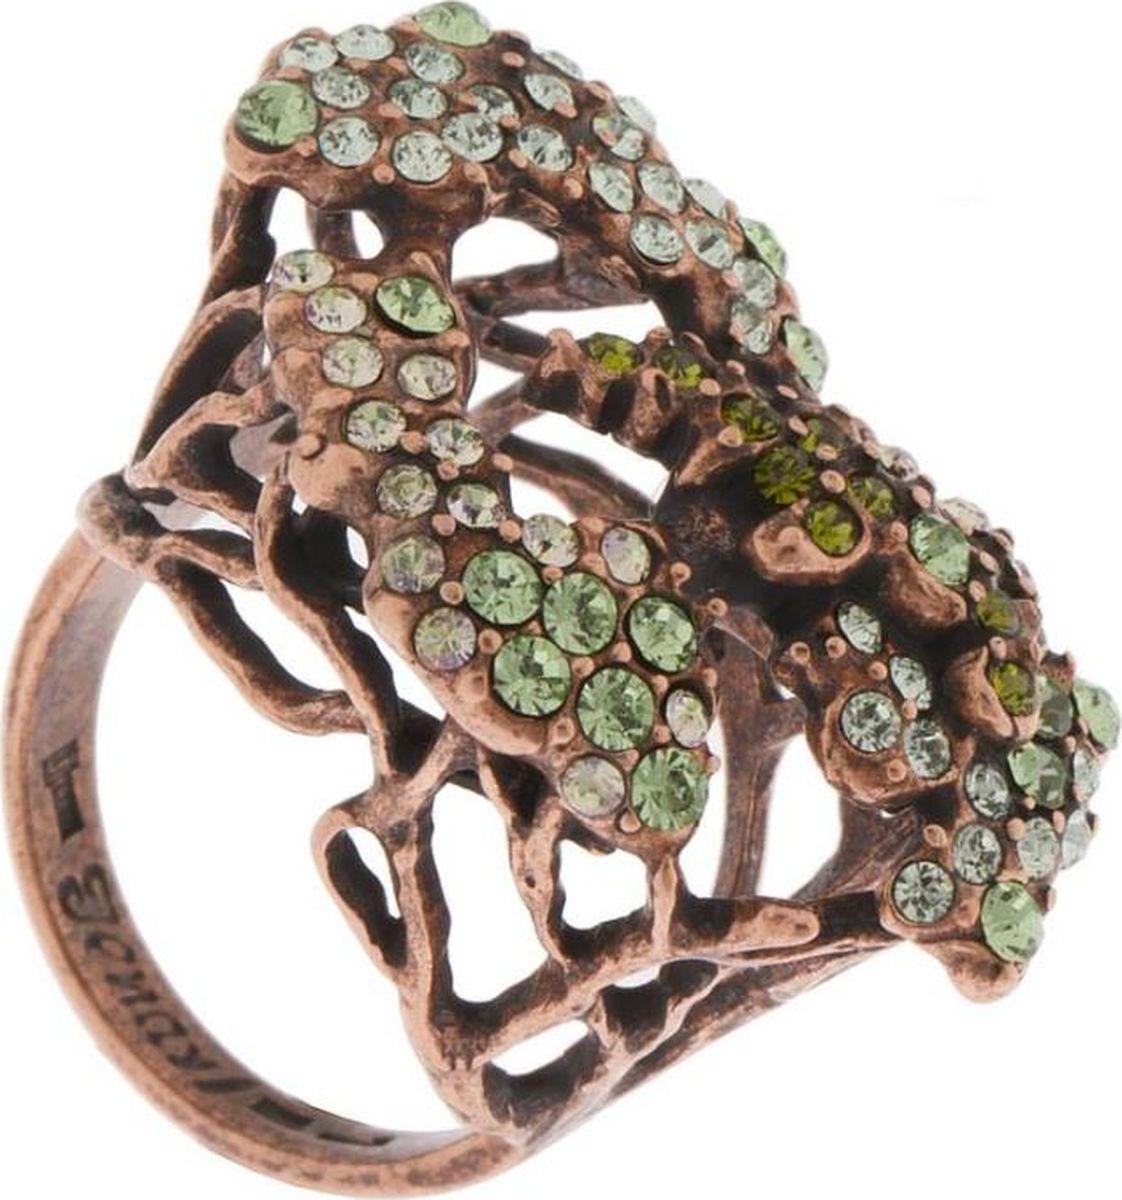 Кольцо Jenavi Волшебный лес. Крона, цвет: медный, зеленый. f801u030. Размер 17 александр григорьев волшебныйлес сказка